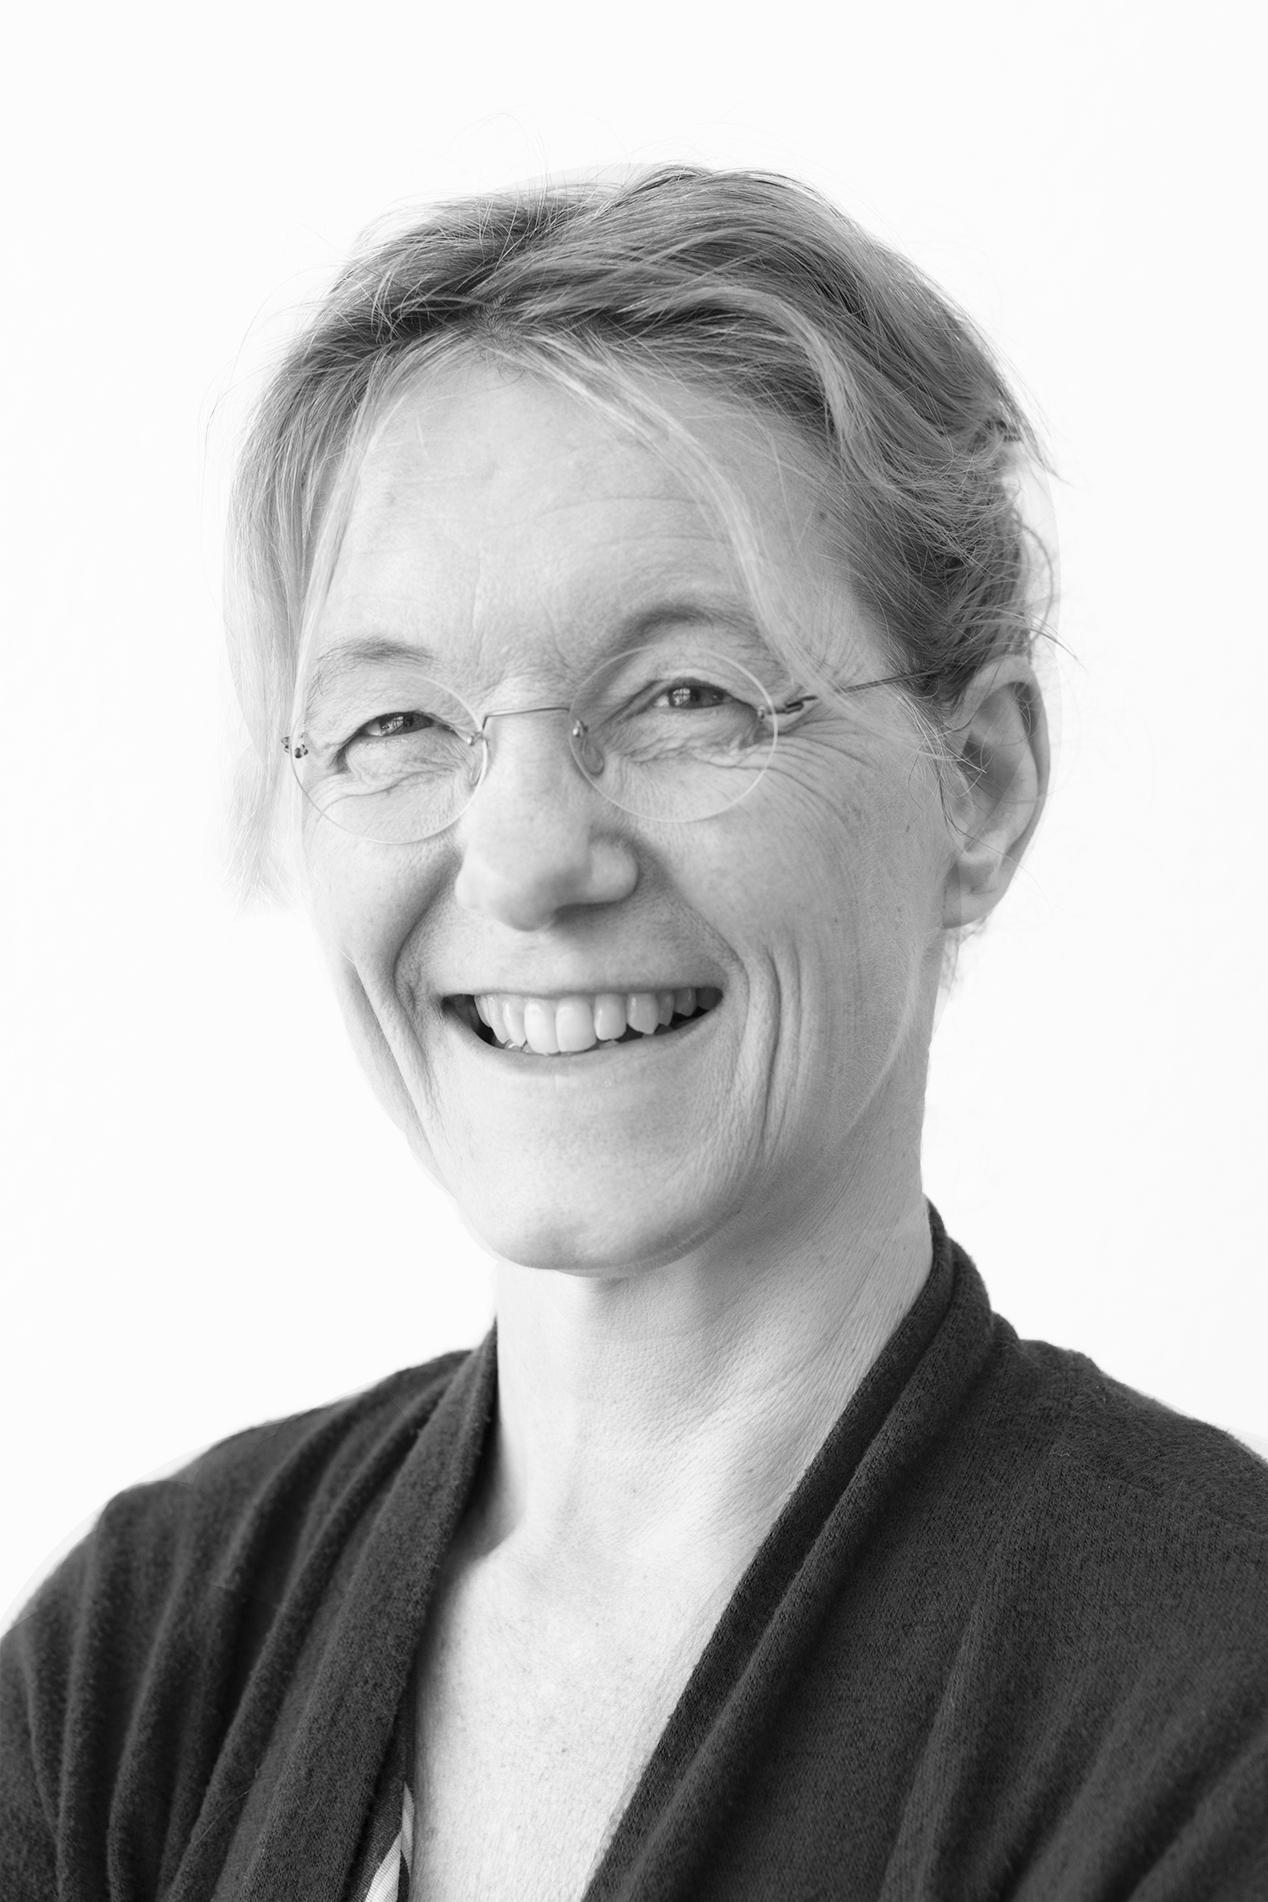 Simone van Rosmalen